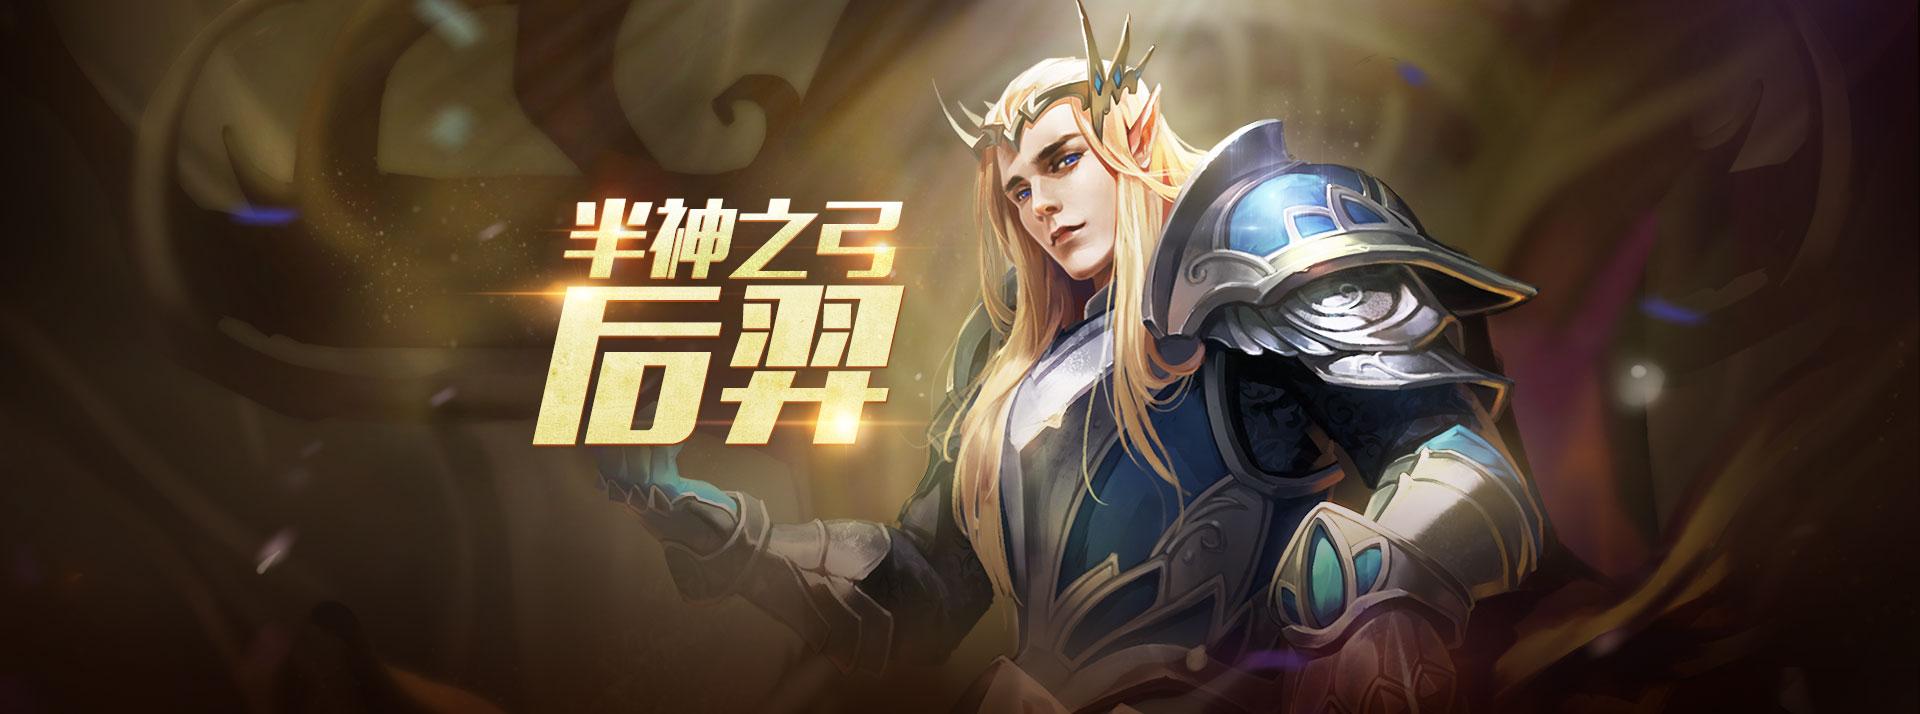 第2弹《王者荣耀英雄皮肤CG》竞技游戏150